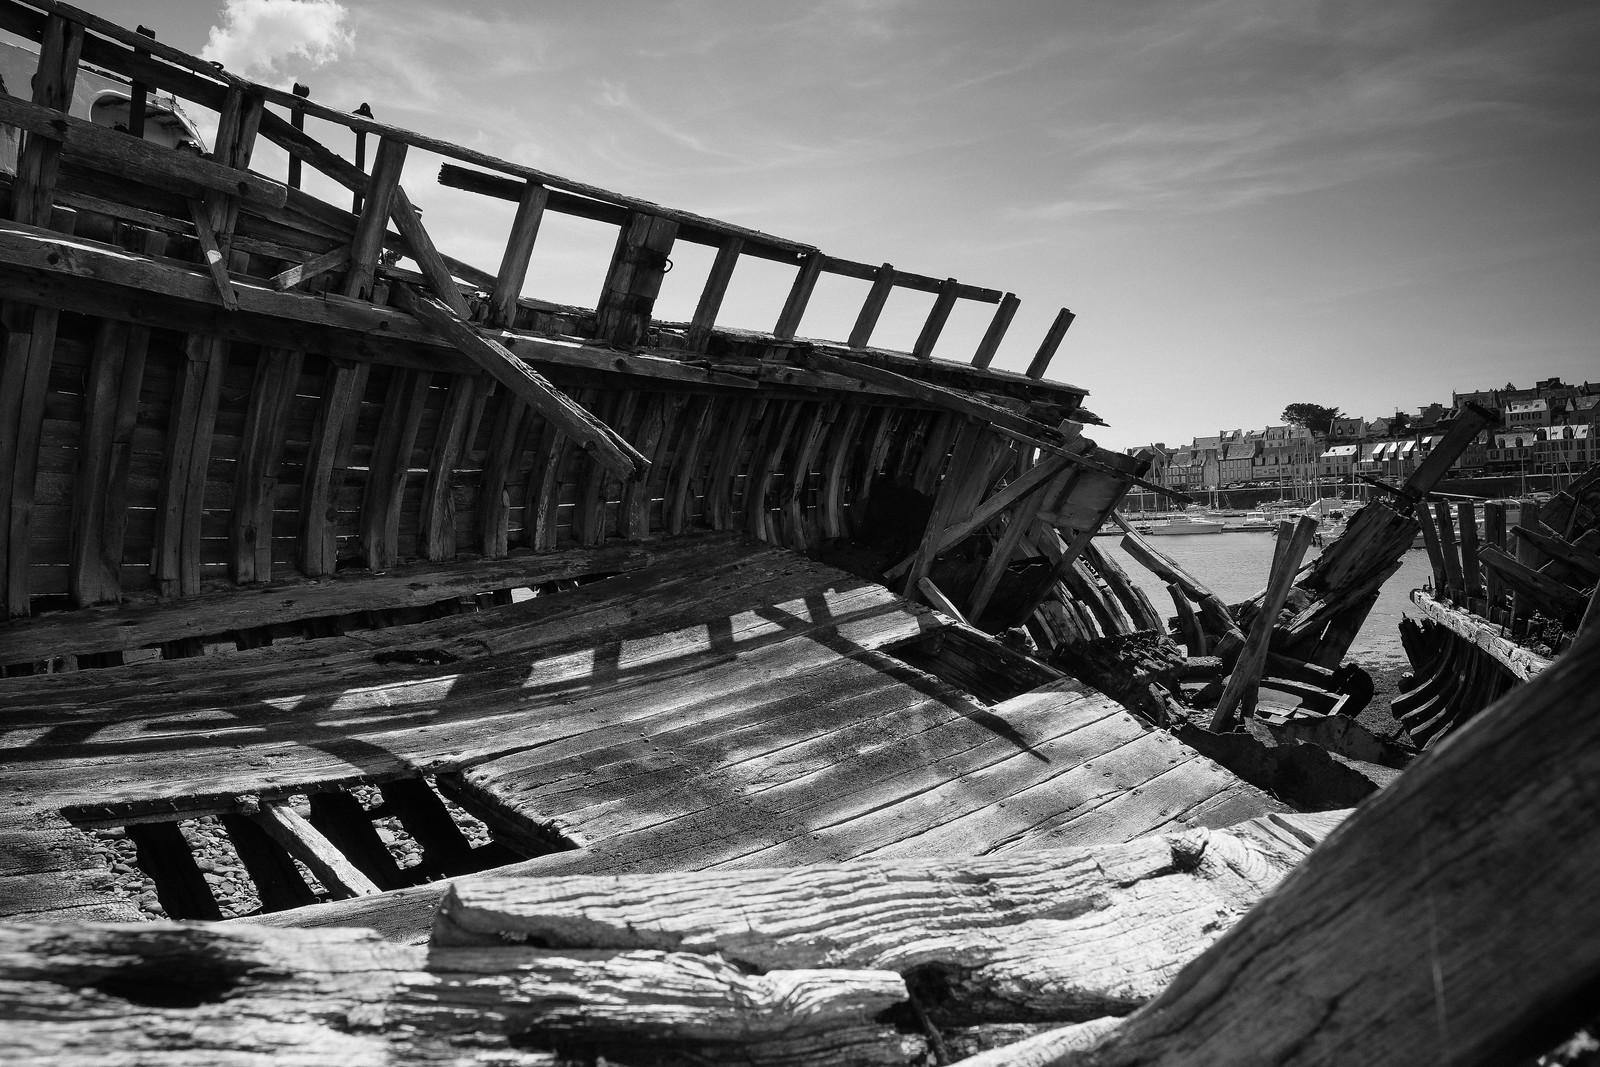 Wrecked Ship II, Fujifilm X-T2, XF16-55mmF2.8 R LM WR